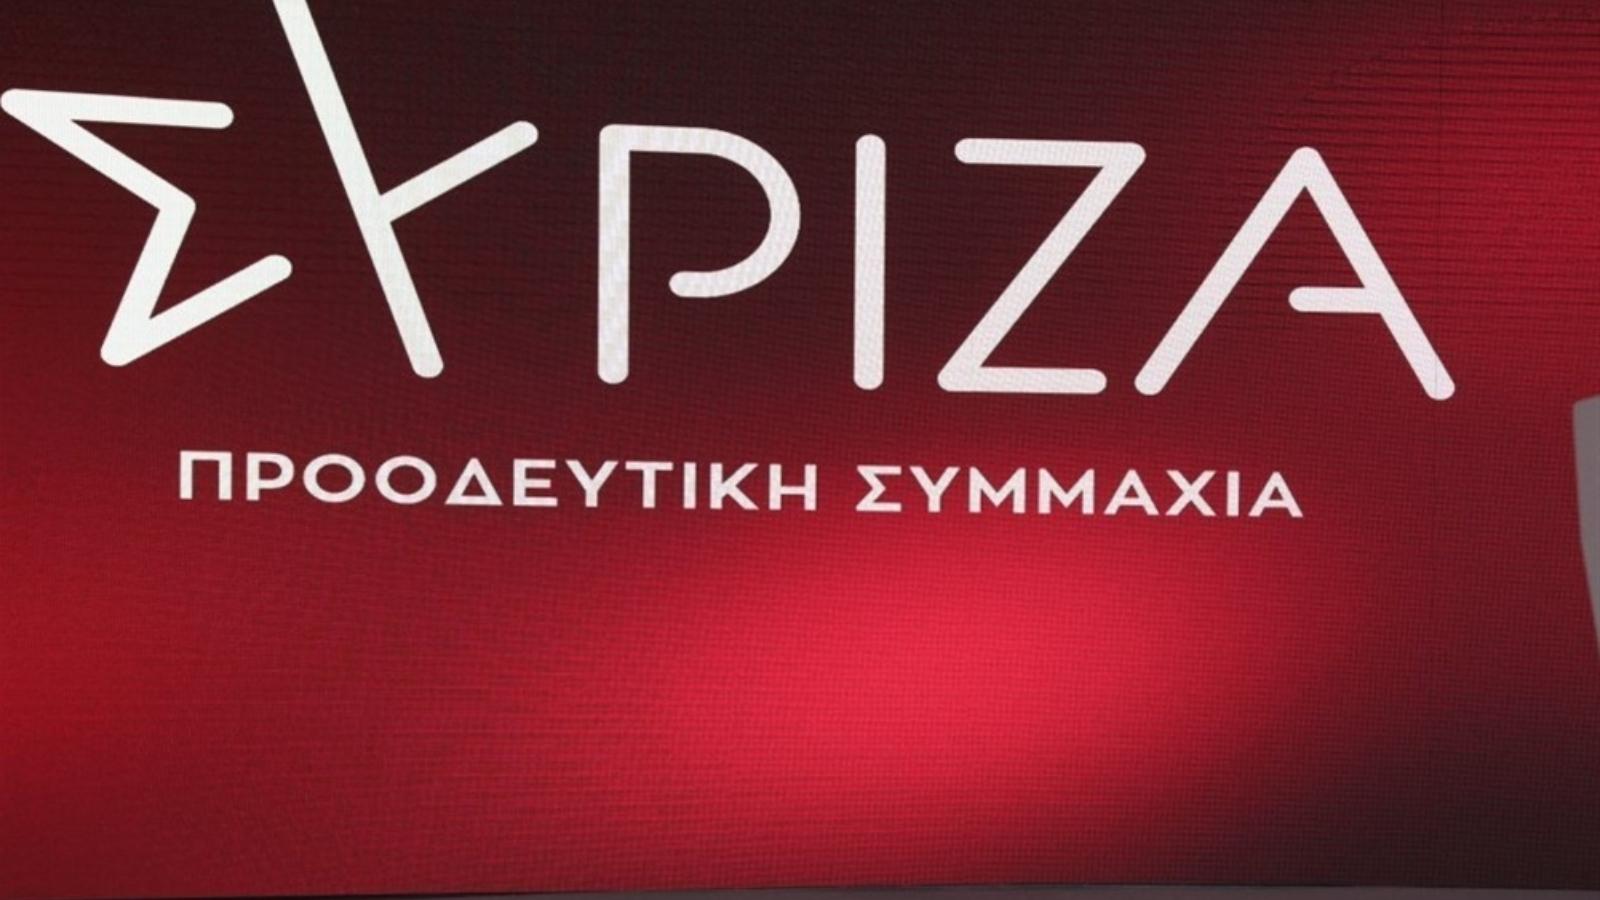 ΣΥΡΙΖΑ κατά Μητσοτάκη: «Αποτυχημένος, φοβισμένος, αδιόρθωτος και σε αποδρομή»